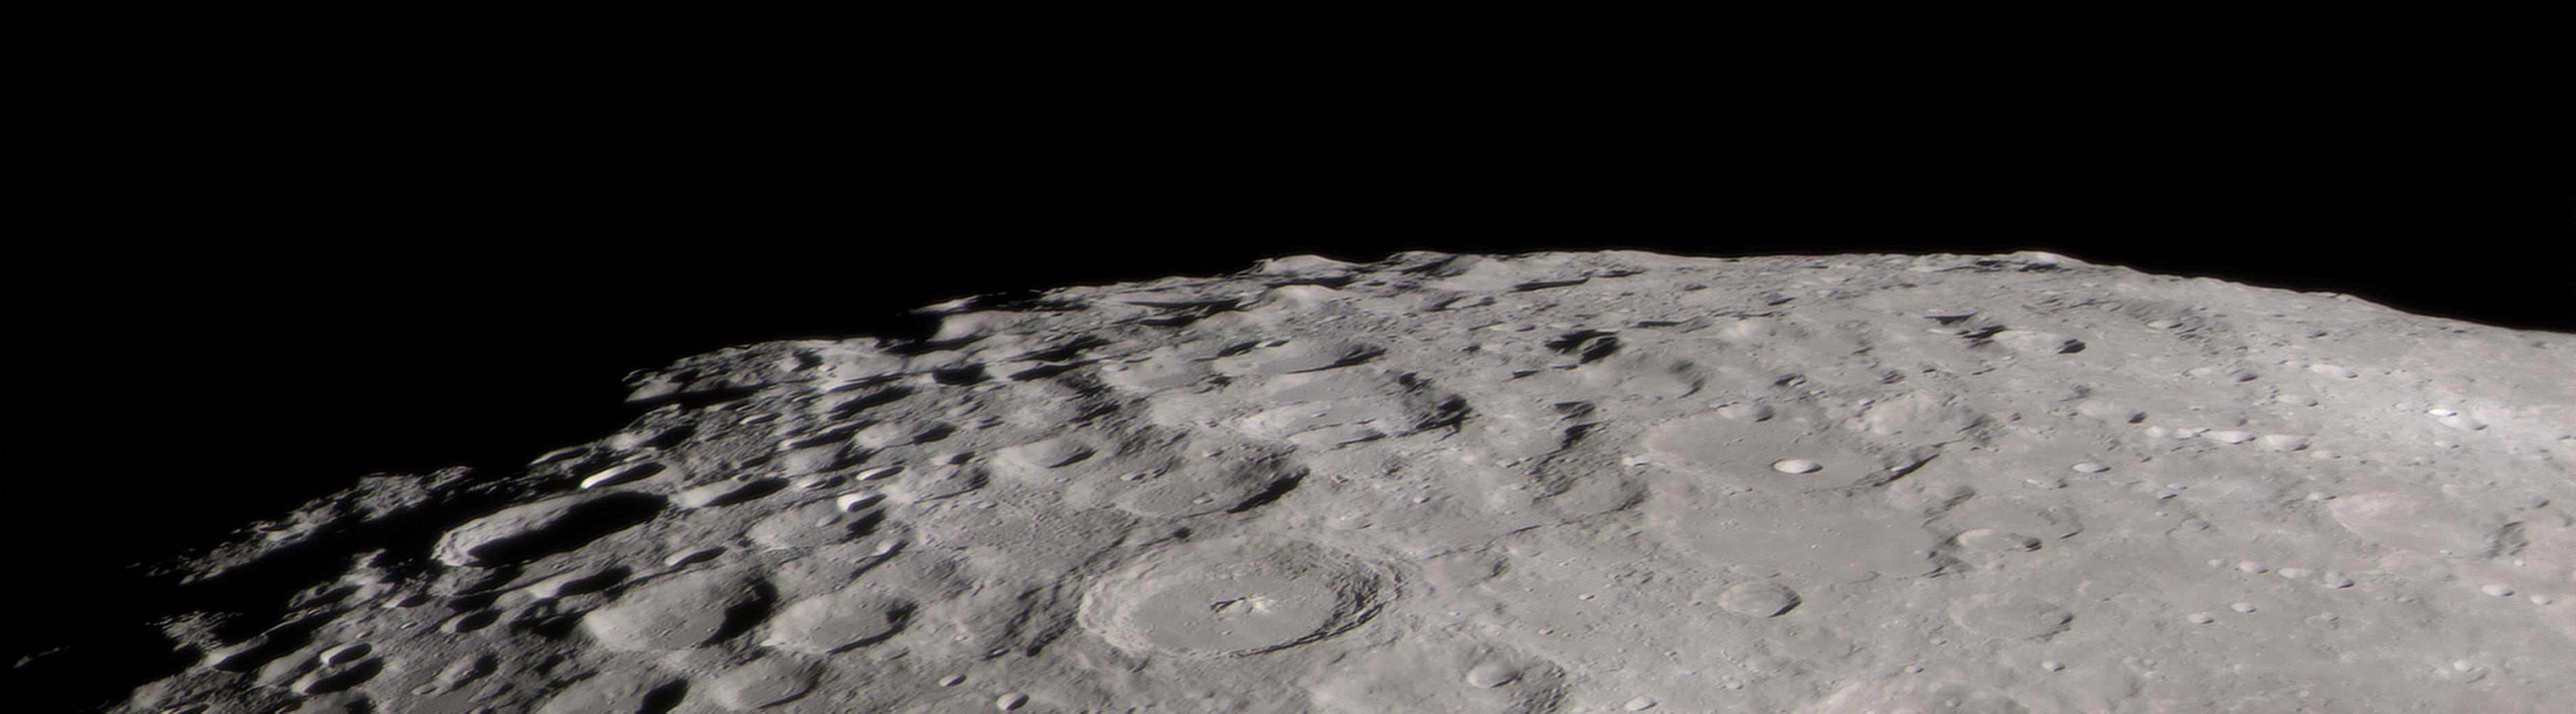 Région du cratère Moretus du 261218(80%) couleur.